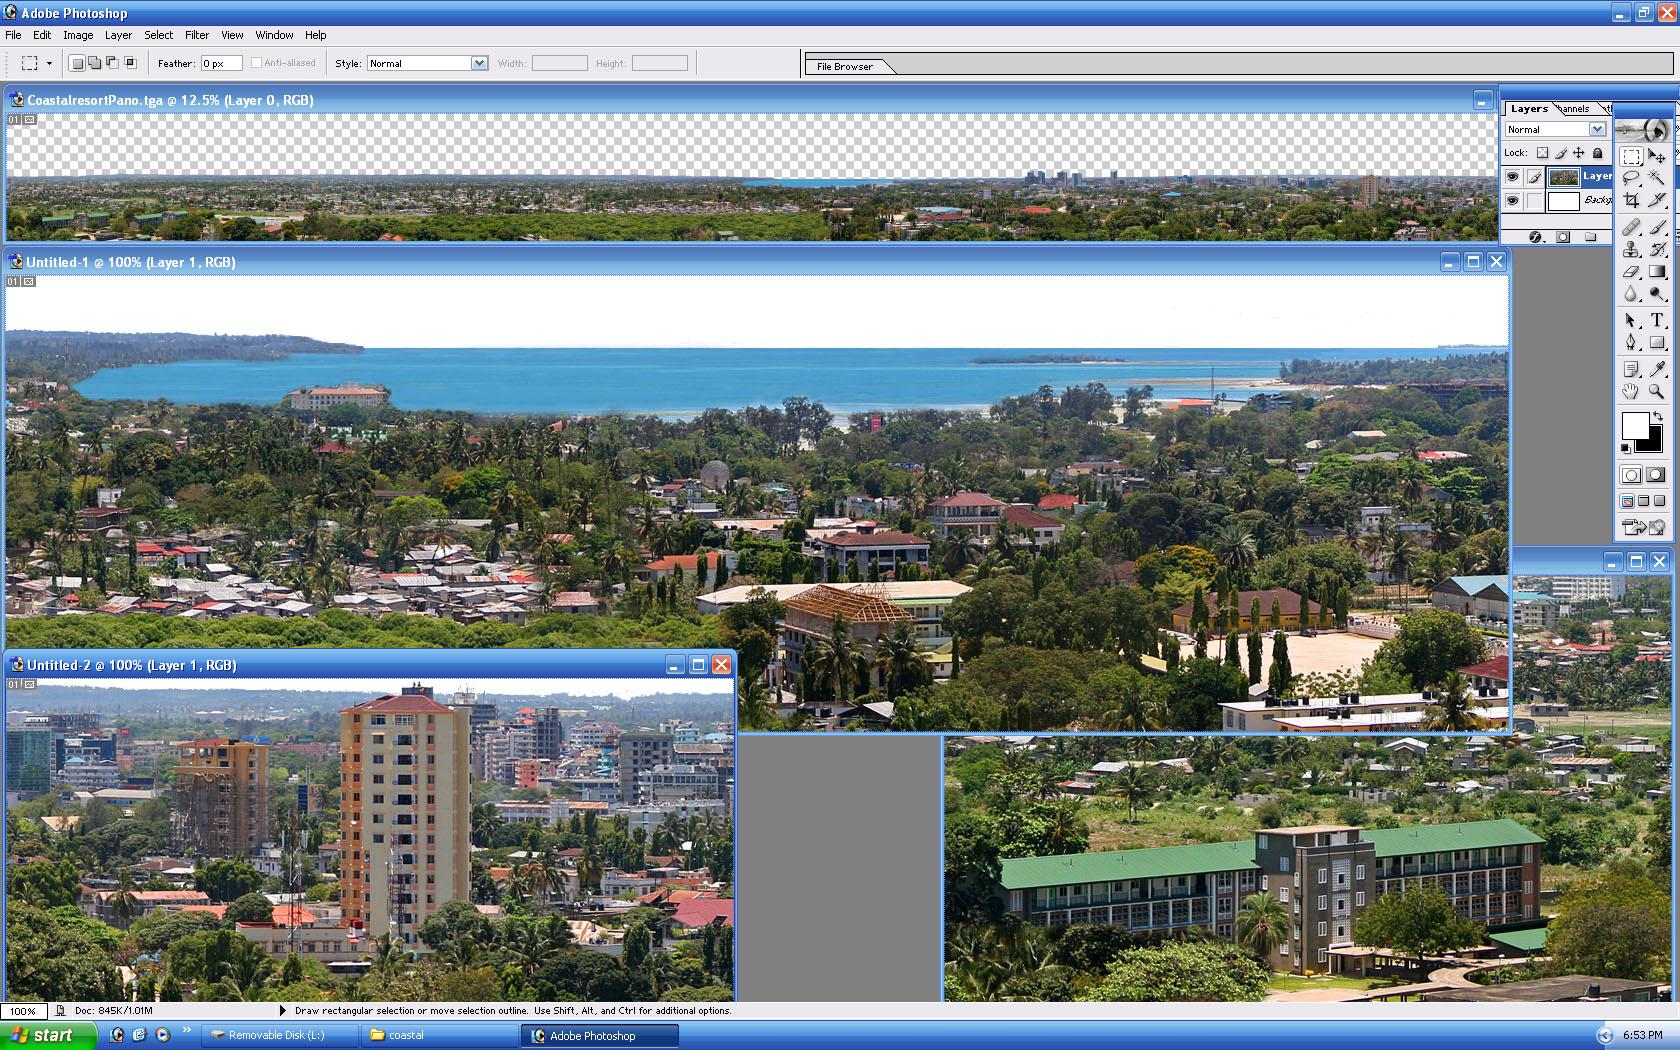 Picture of CoastalResortPano - click to view original size